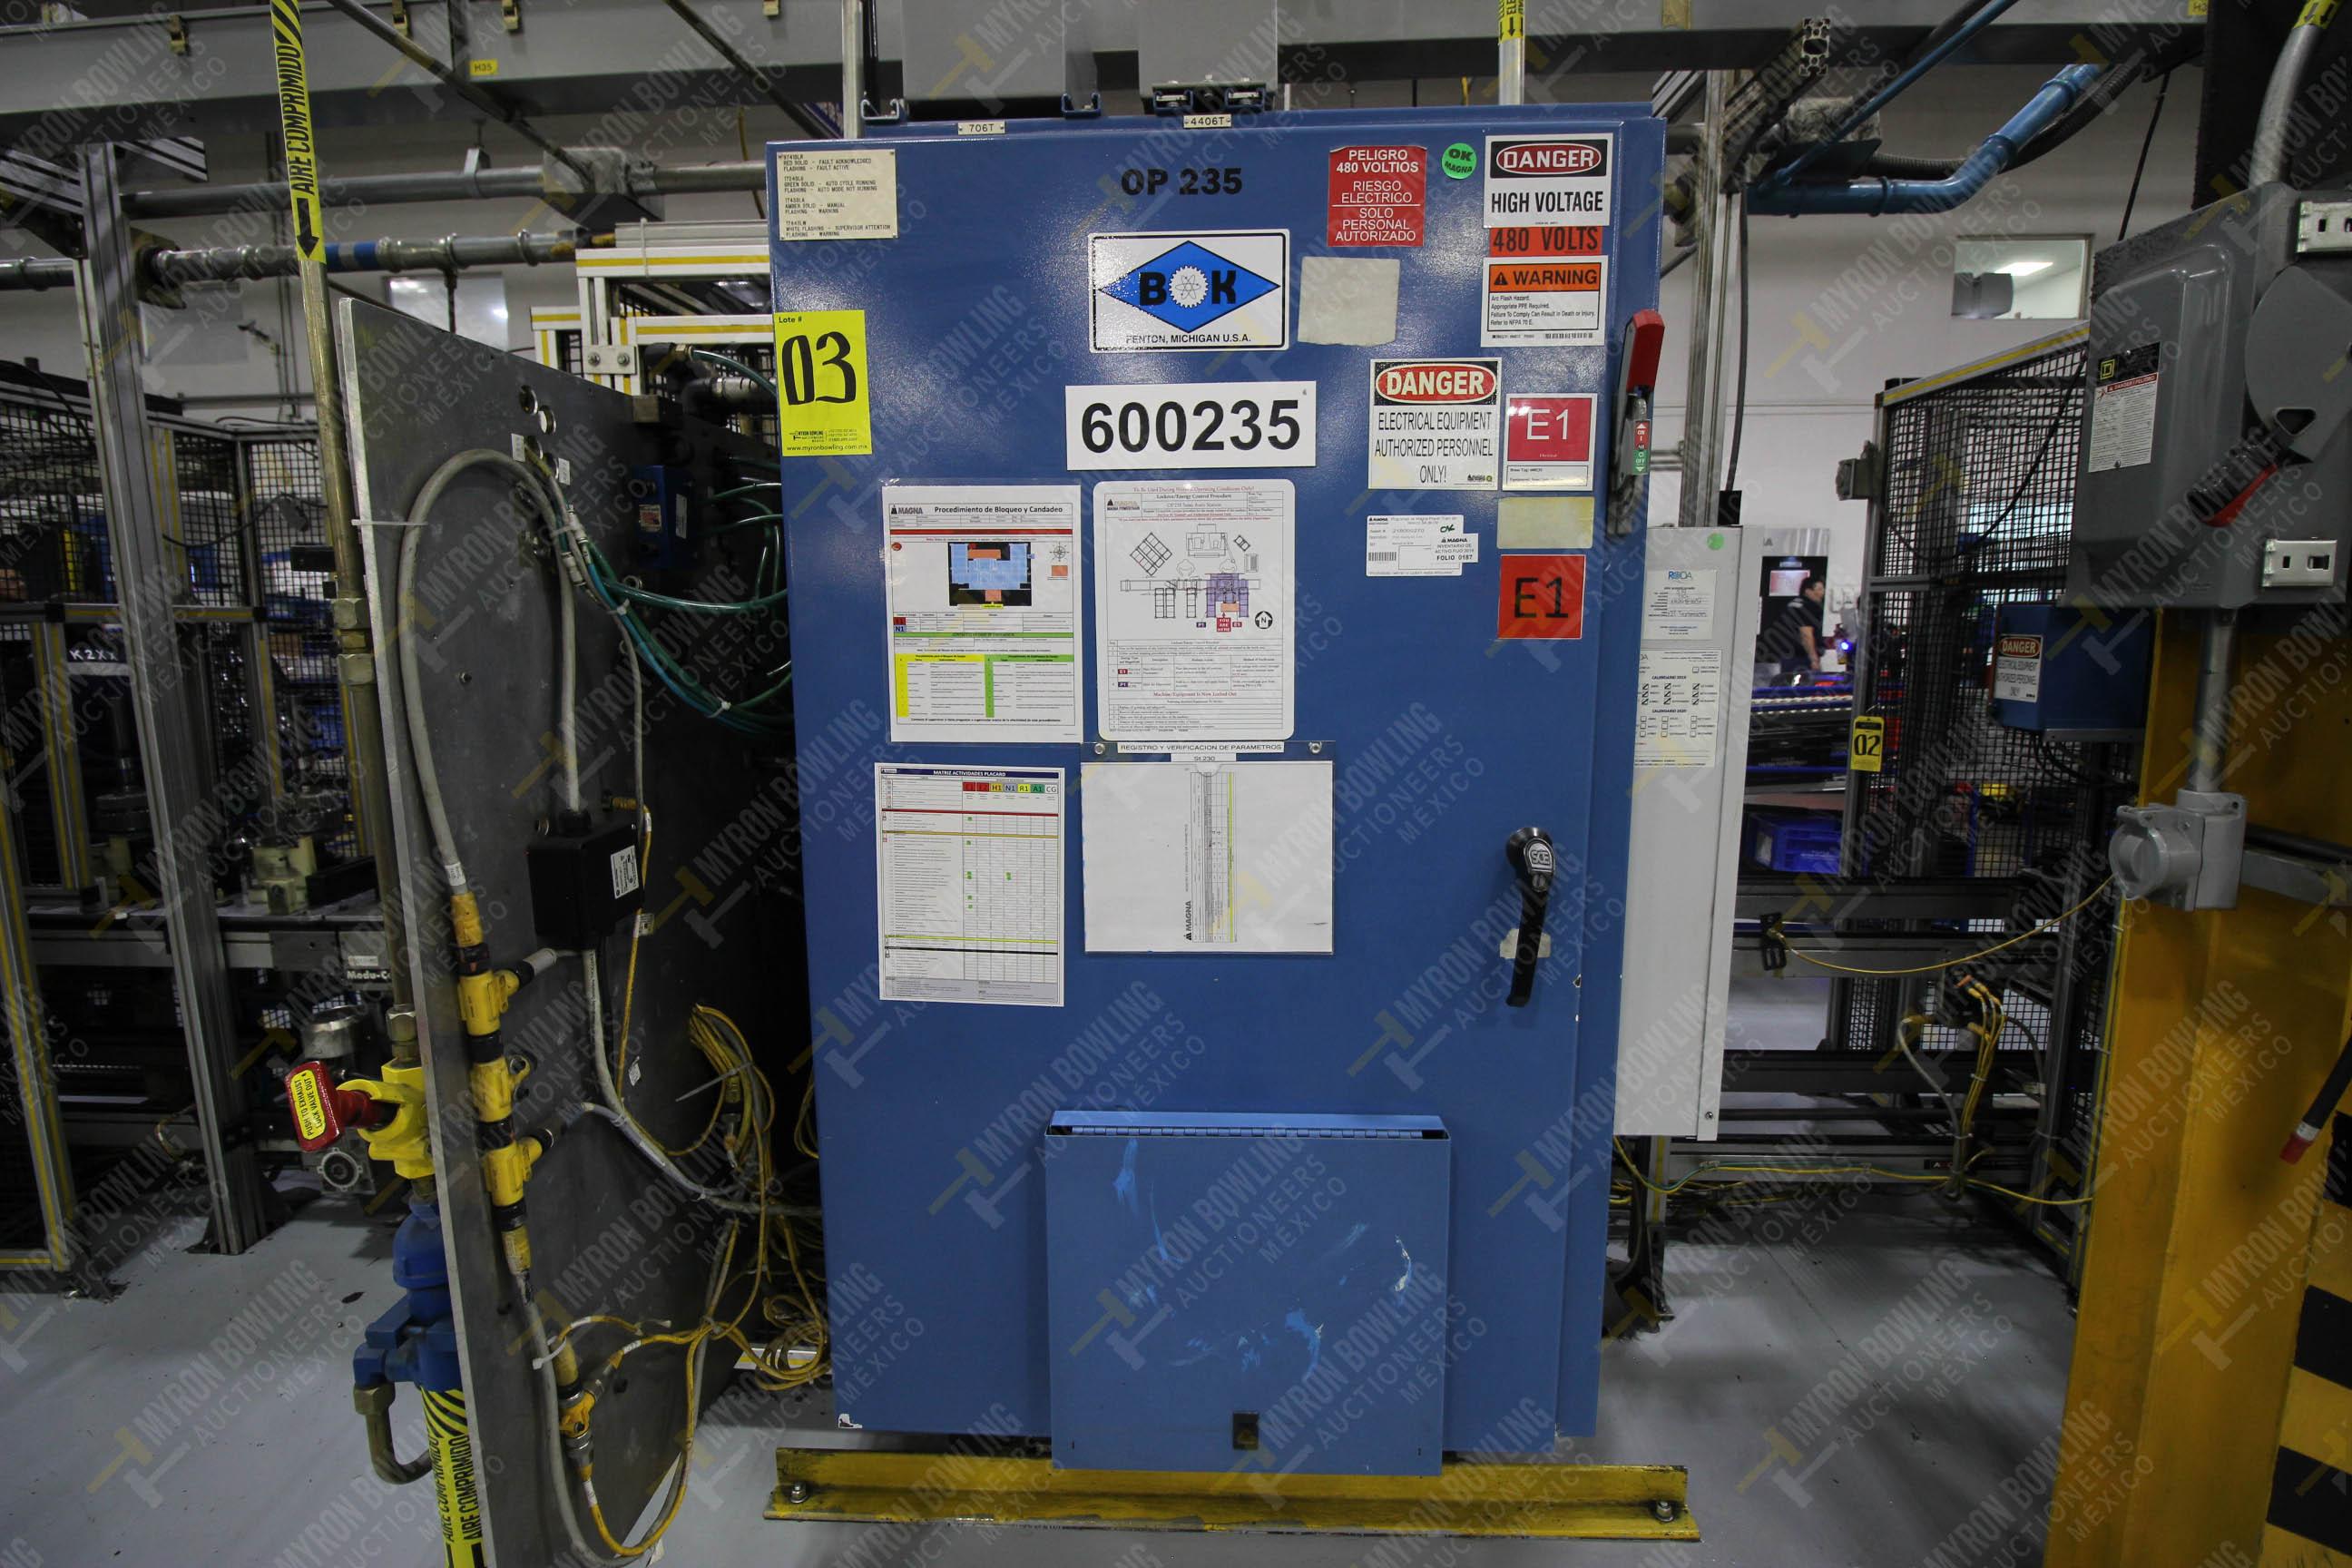 Estación semiautomáticapara operación 235 de ensamble de candado - Image 16 of 22